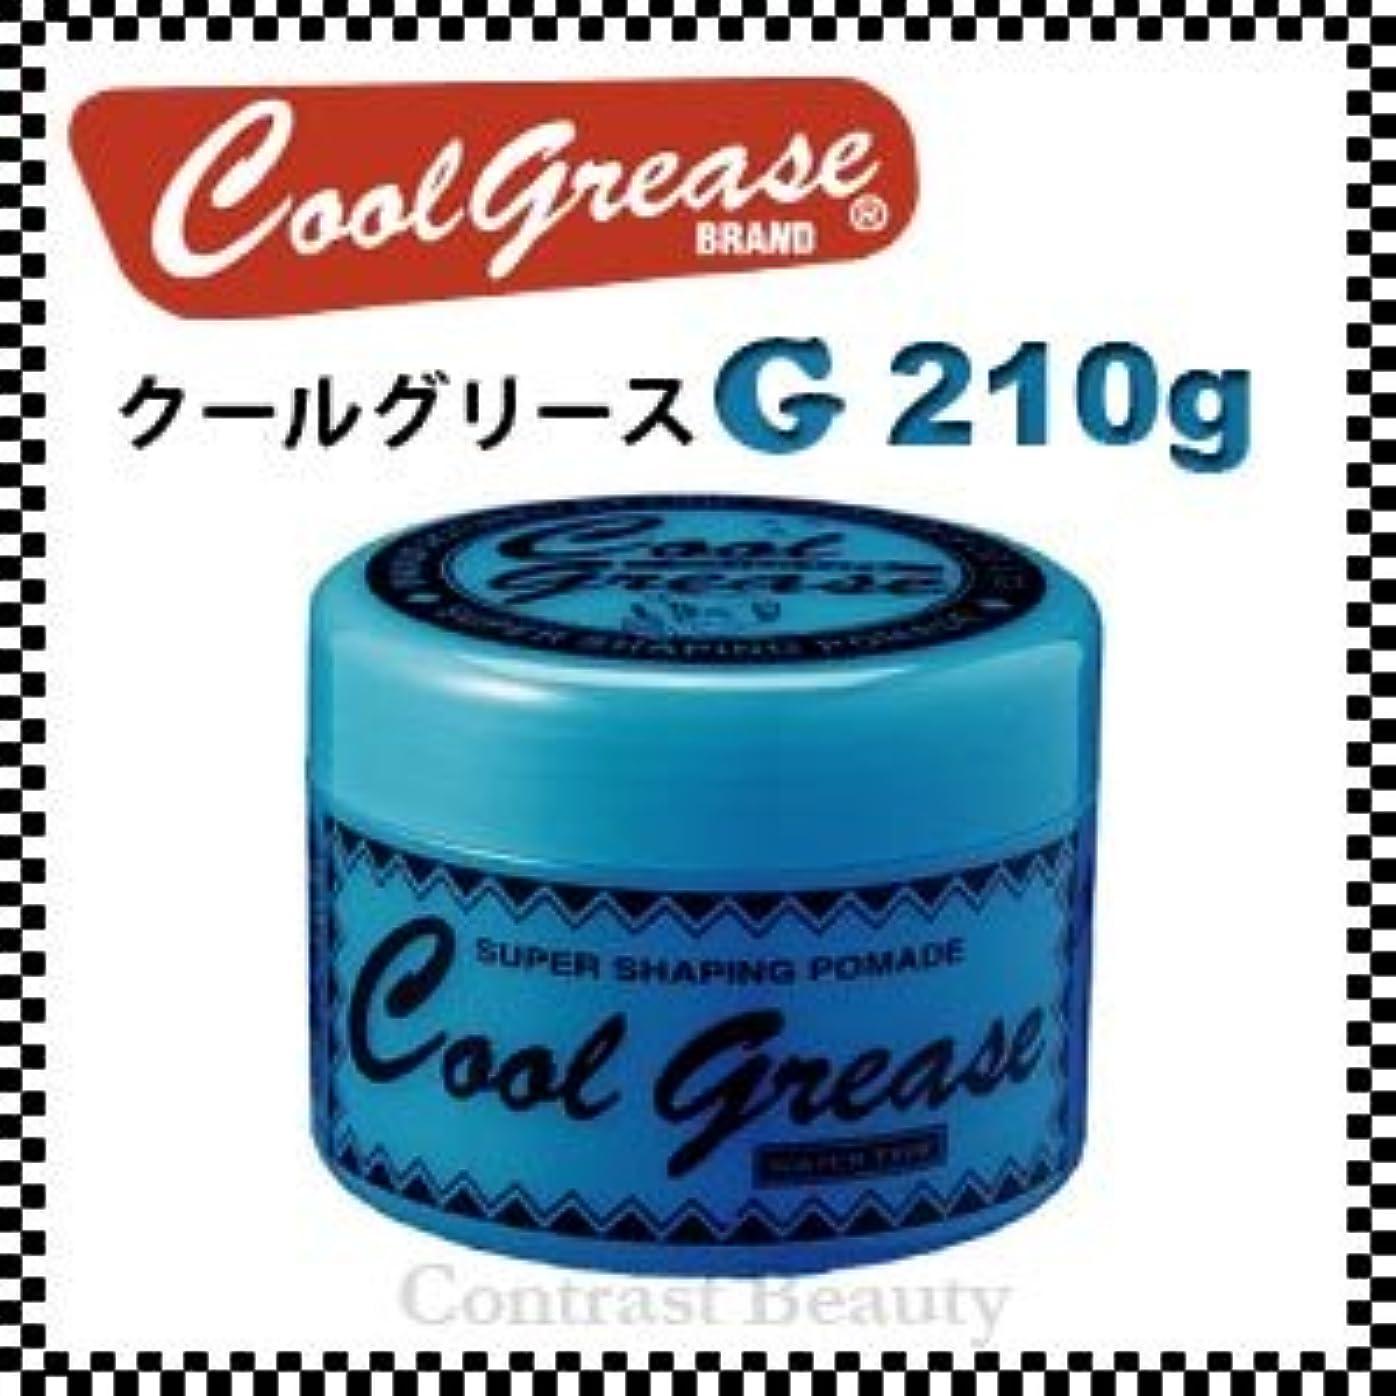 乙女囲いリクルート【X4個セット】 阪本高生堂 クールグリース G 210g